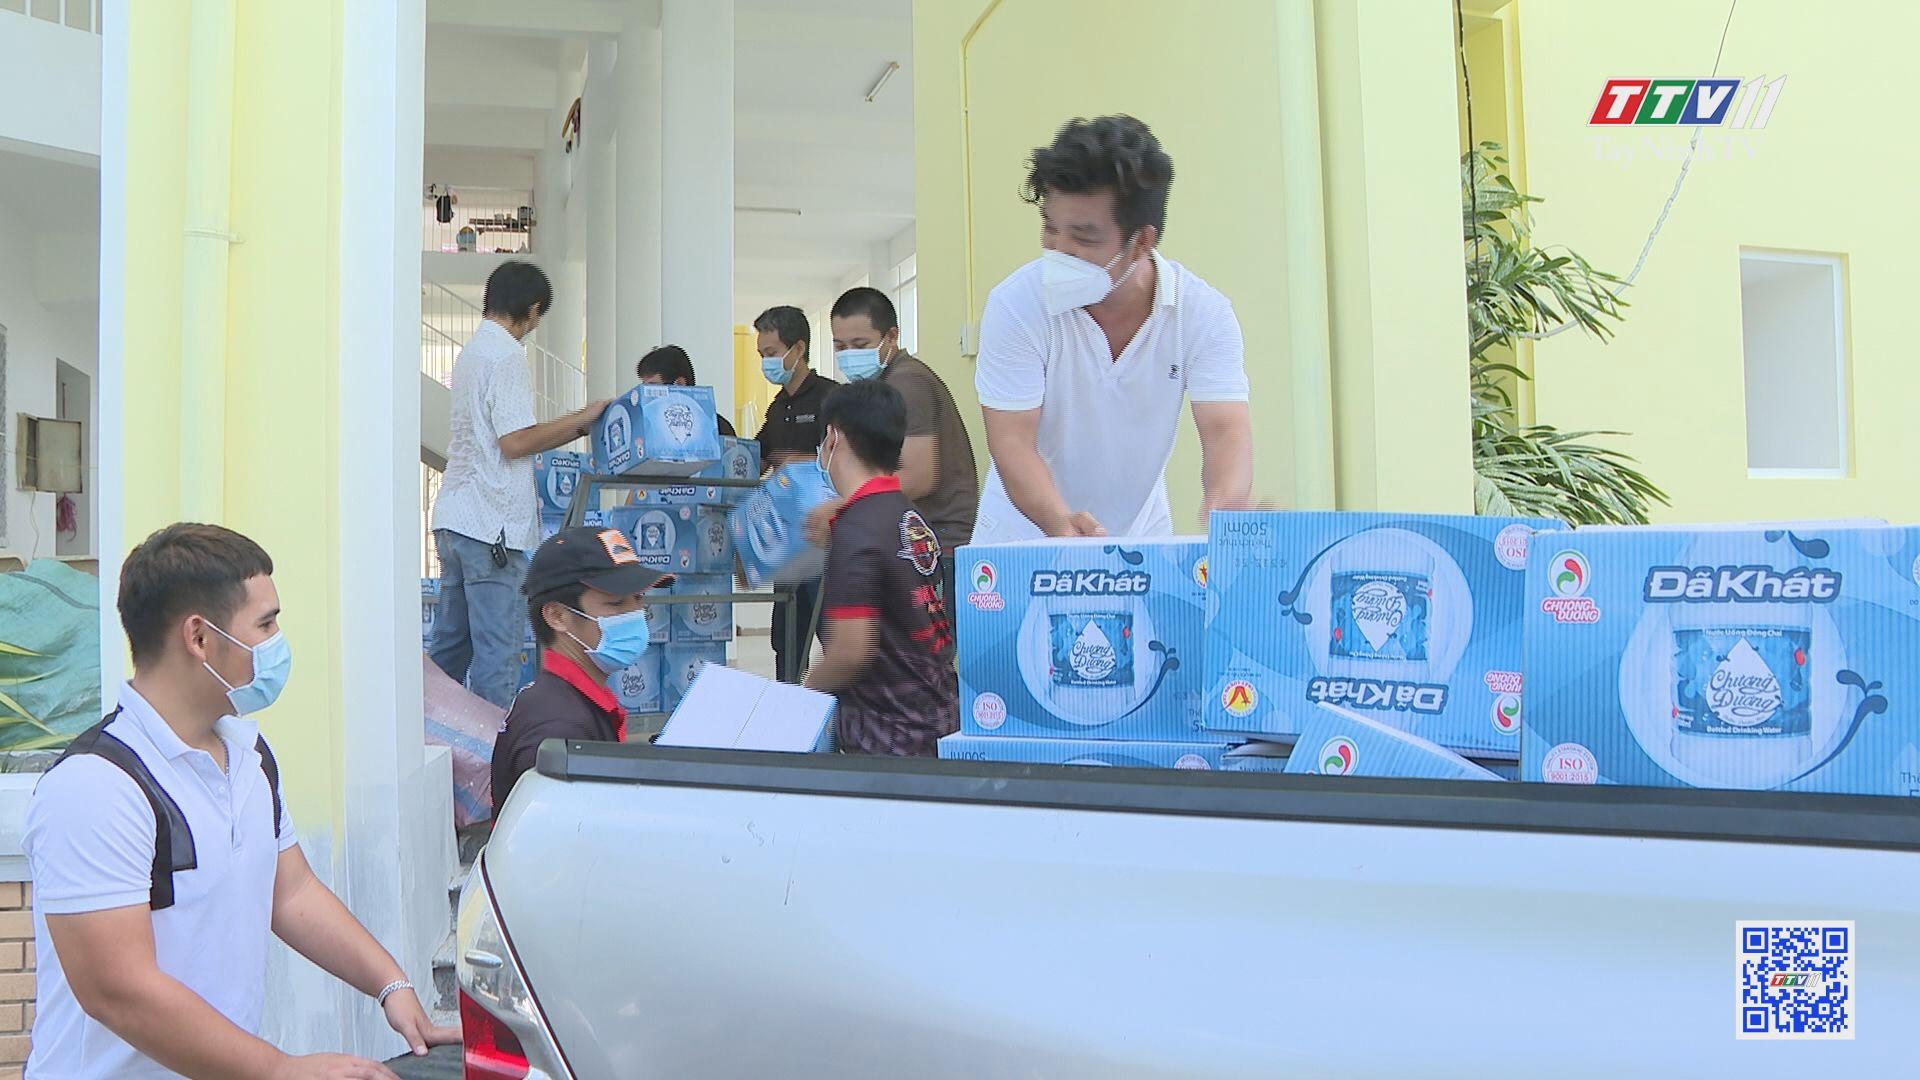 Đội phản ứng nhanh Tây Ninh chung tay phòng, chống dịch Covid-19 | THANH NIÊN | TayNinhTV